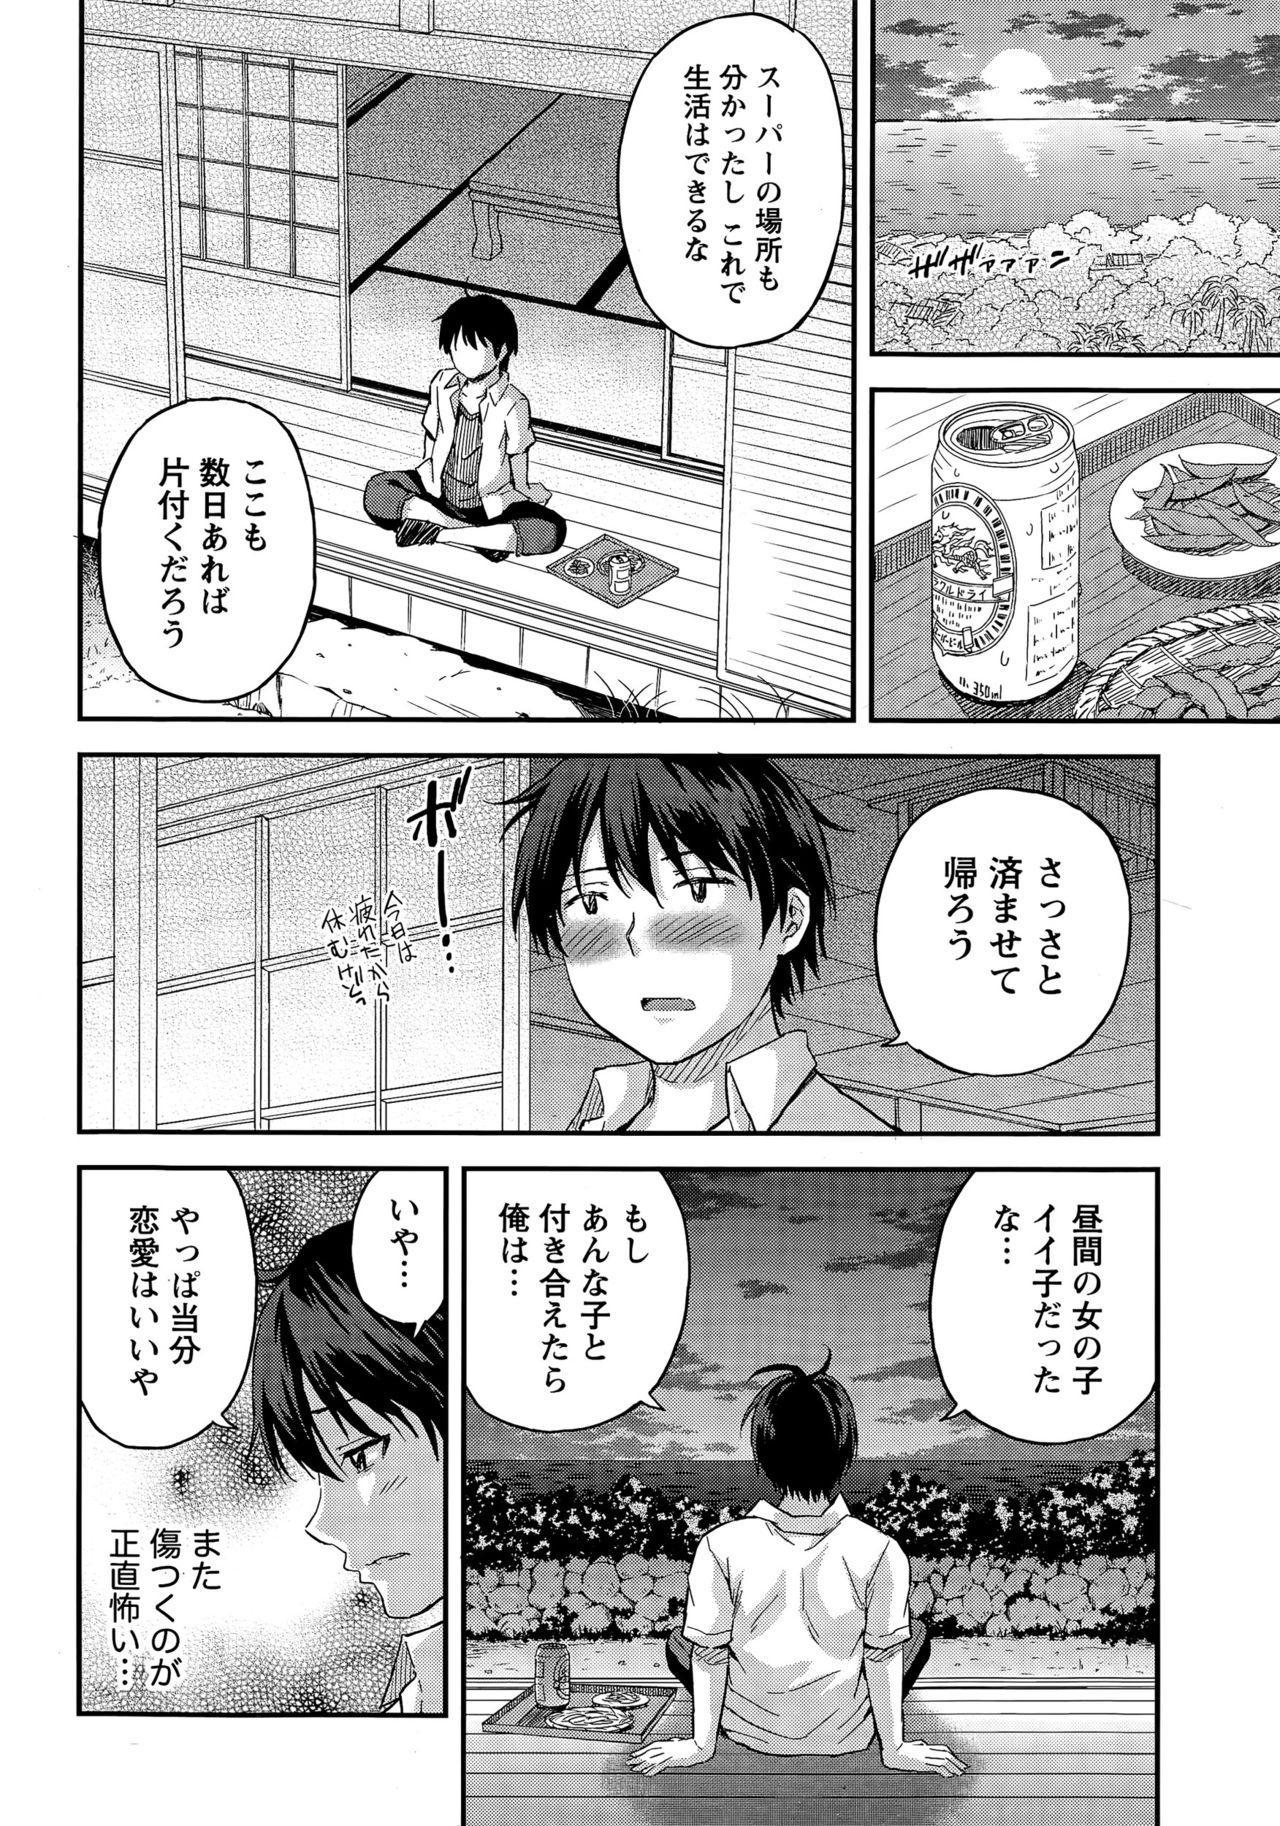 [Higashino Mikan] Atsumujima no Megumi-sama - Goddess of Atsumu-Island 13